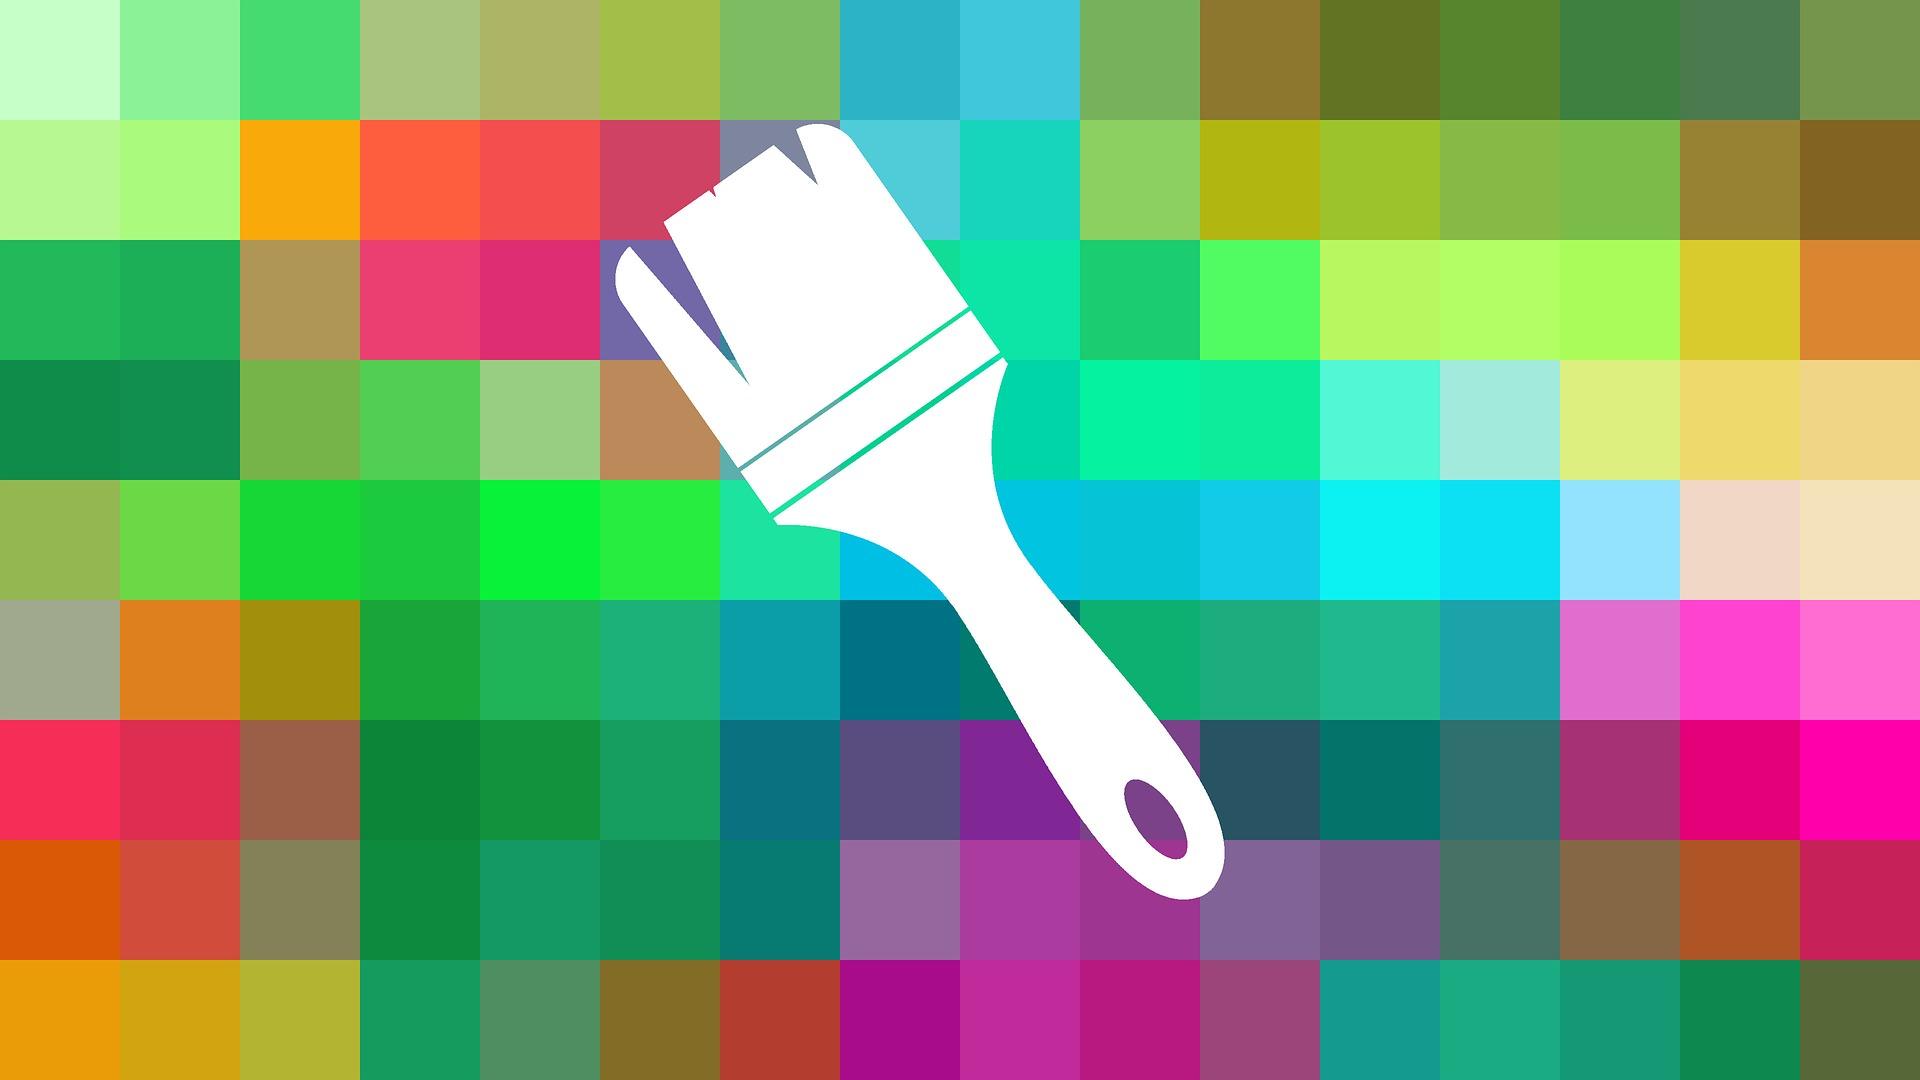 brush-3616114_1920